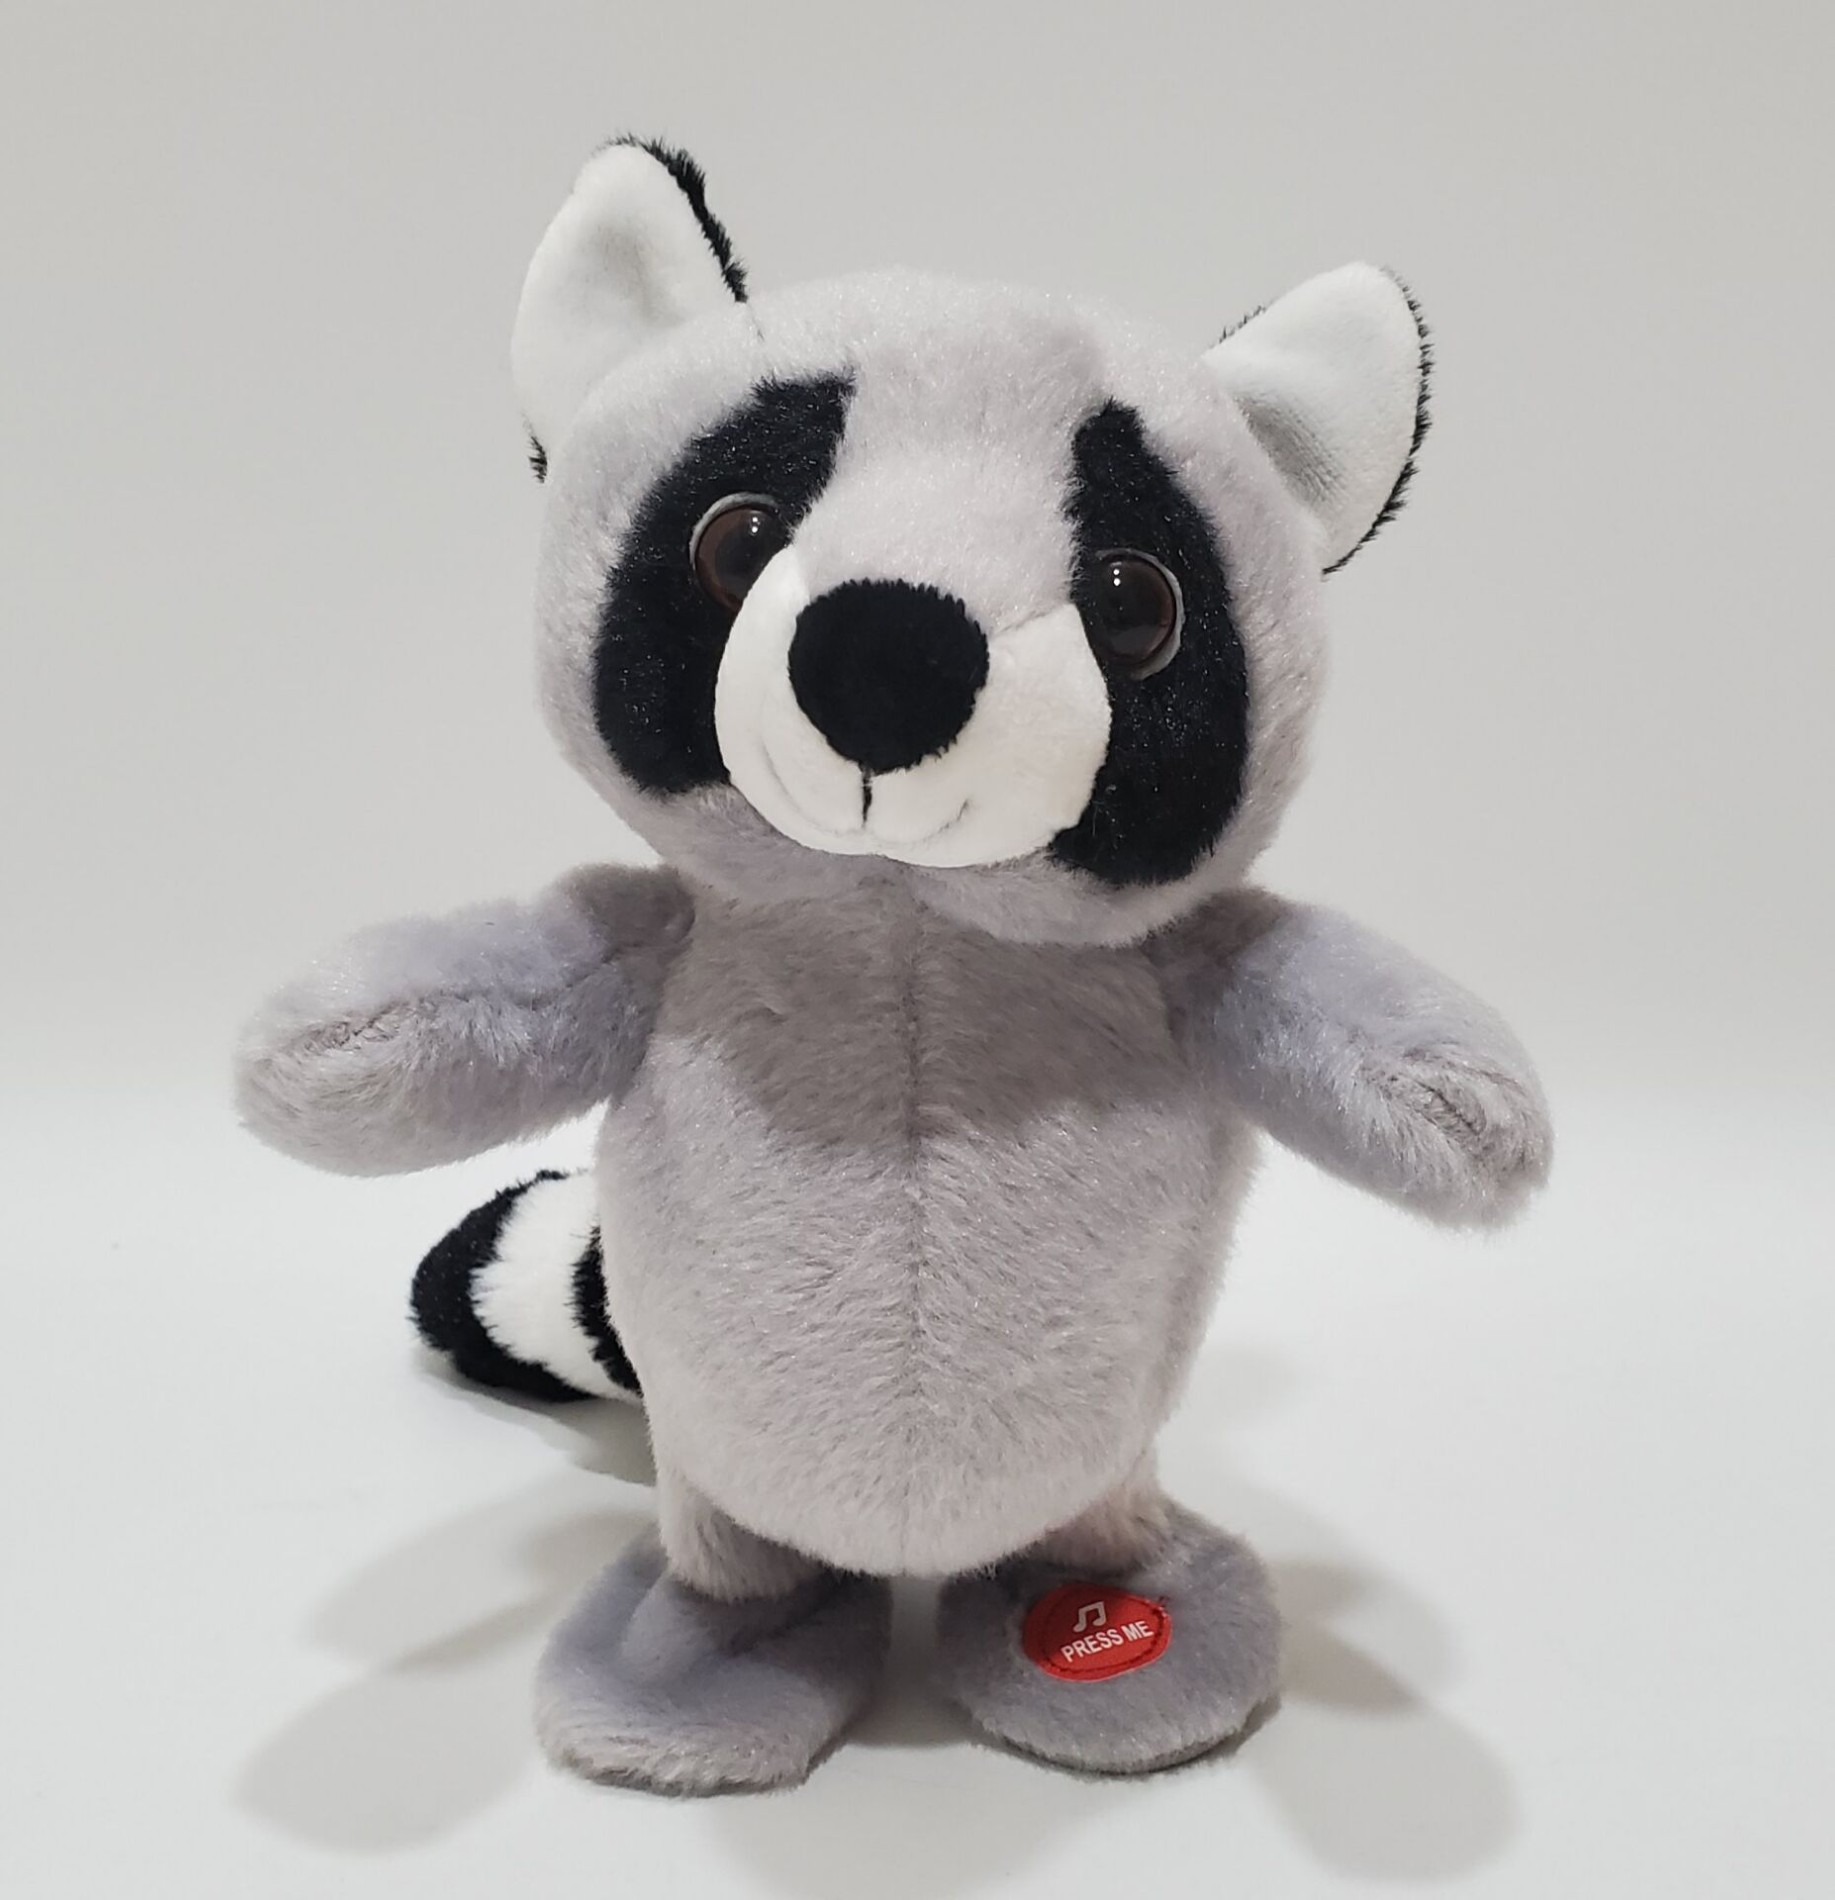 Настройка Оптовая Говорящая игрушка Голосовая повторяющаяся плюшевая игрушка reccoon